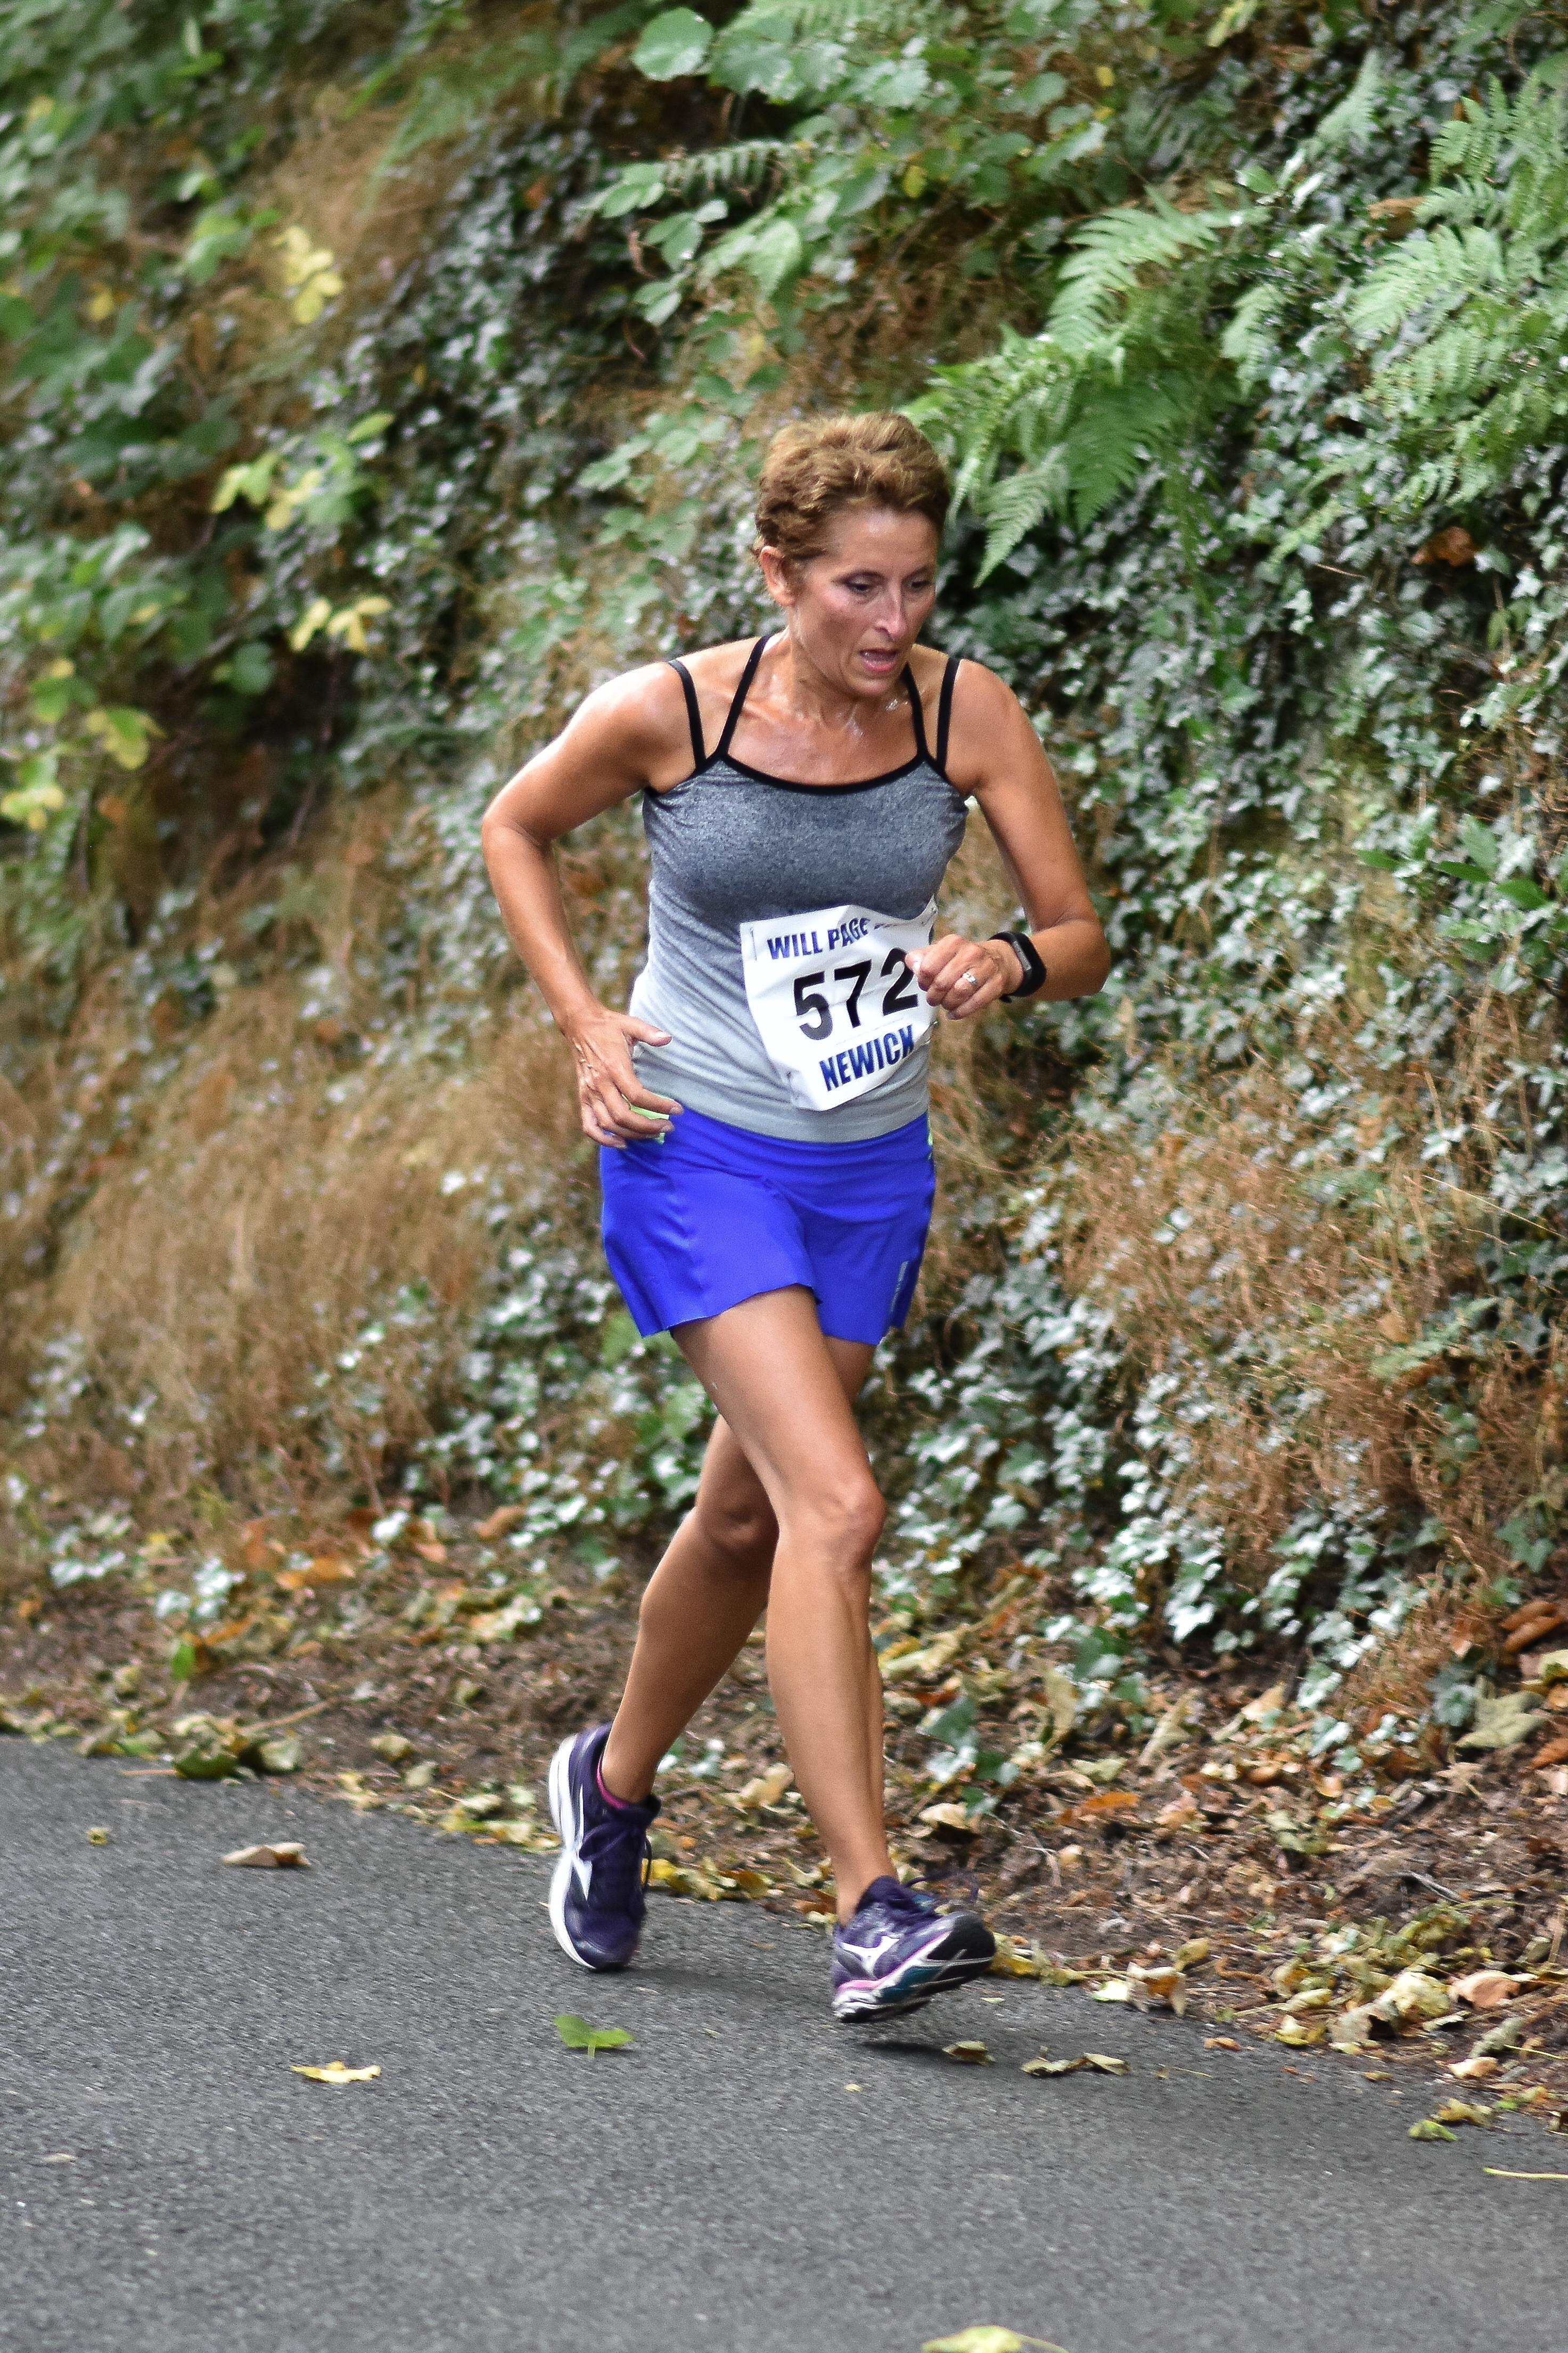 Runner - 572